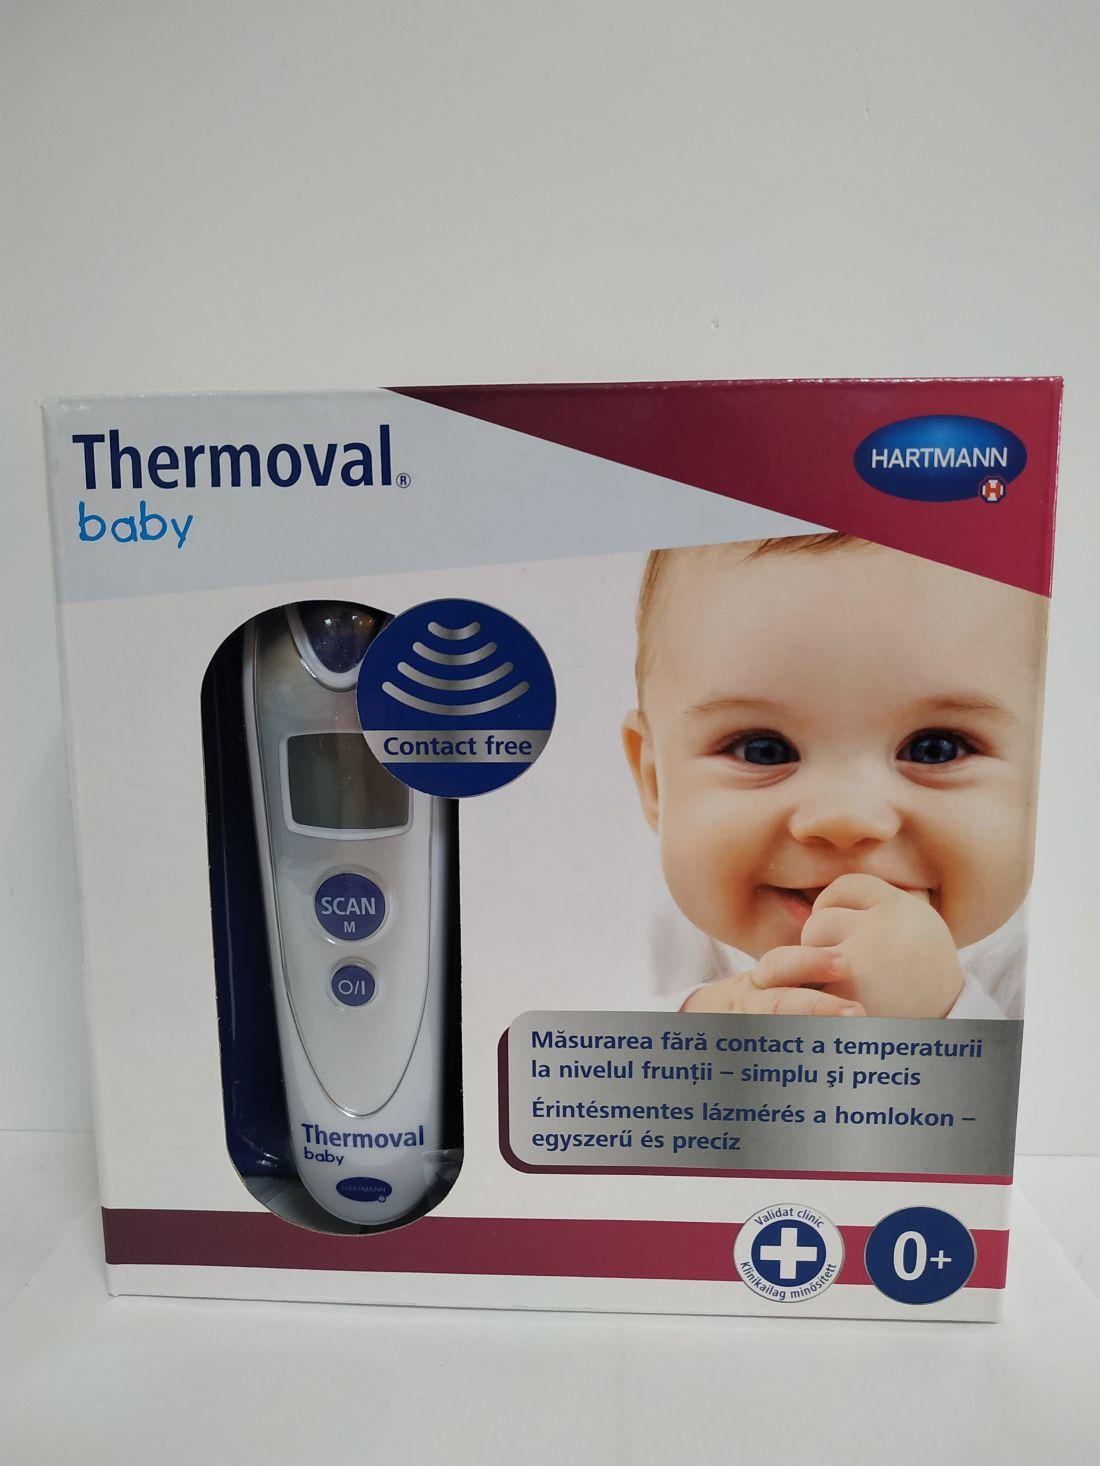 Thermoval Baby érintés nélküli lázmérő.